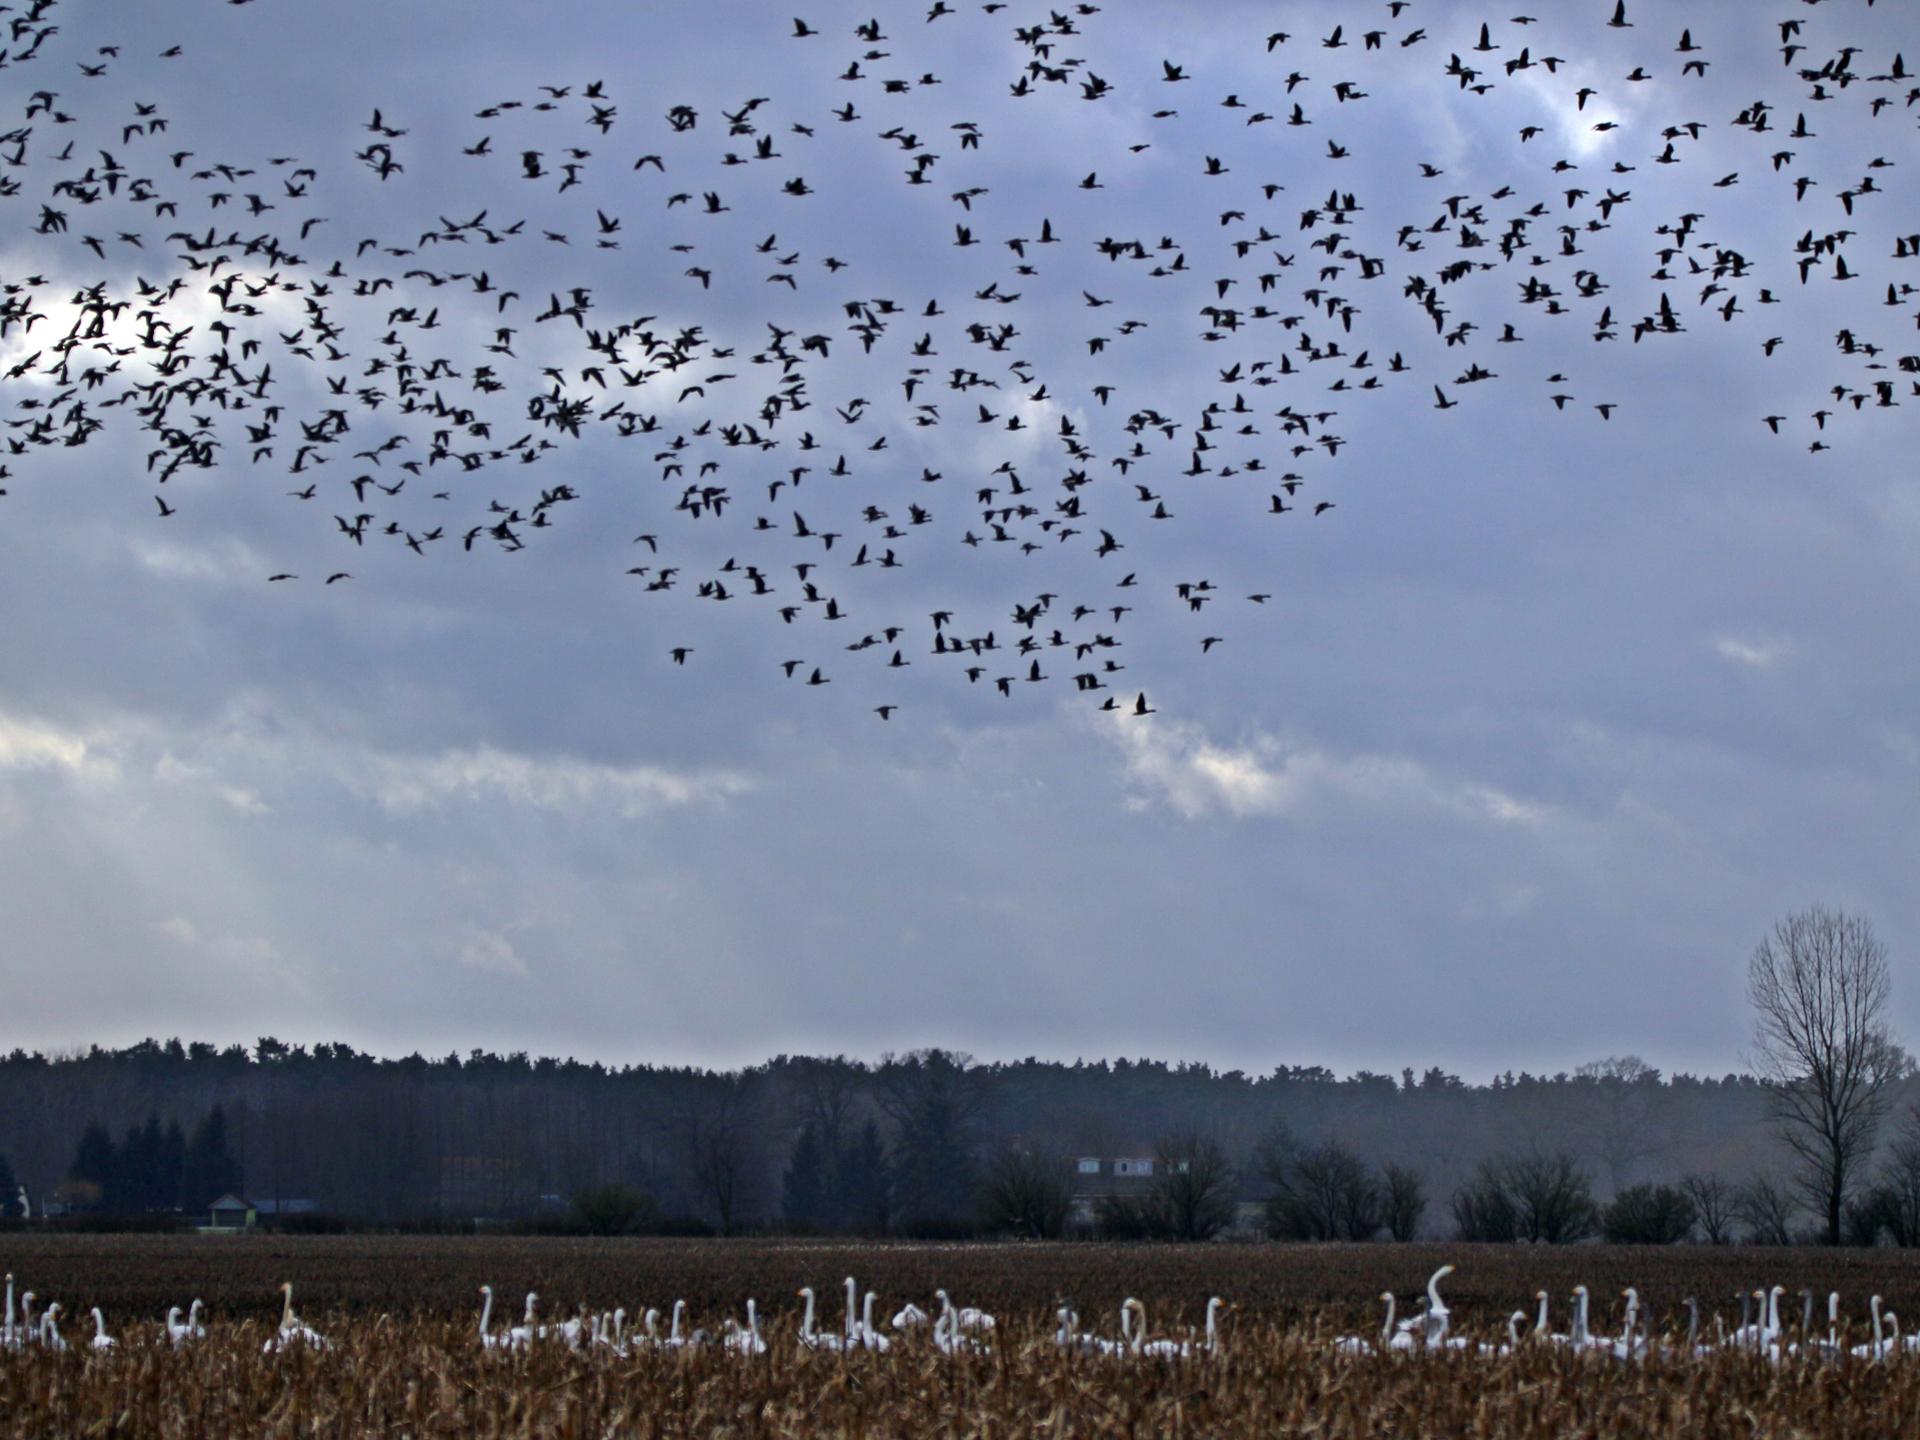 Die Flugbewegungen von großen Schwärmen kann ein ganz besonderes Erlebnis sein. - Photocredit: pixabay.com/rihaij